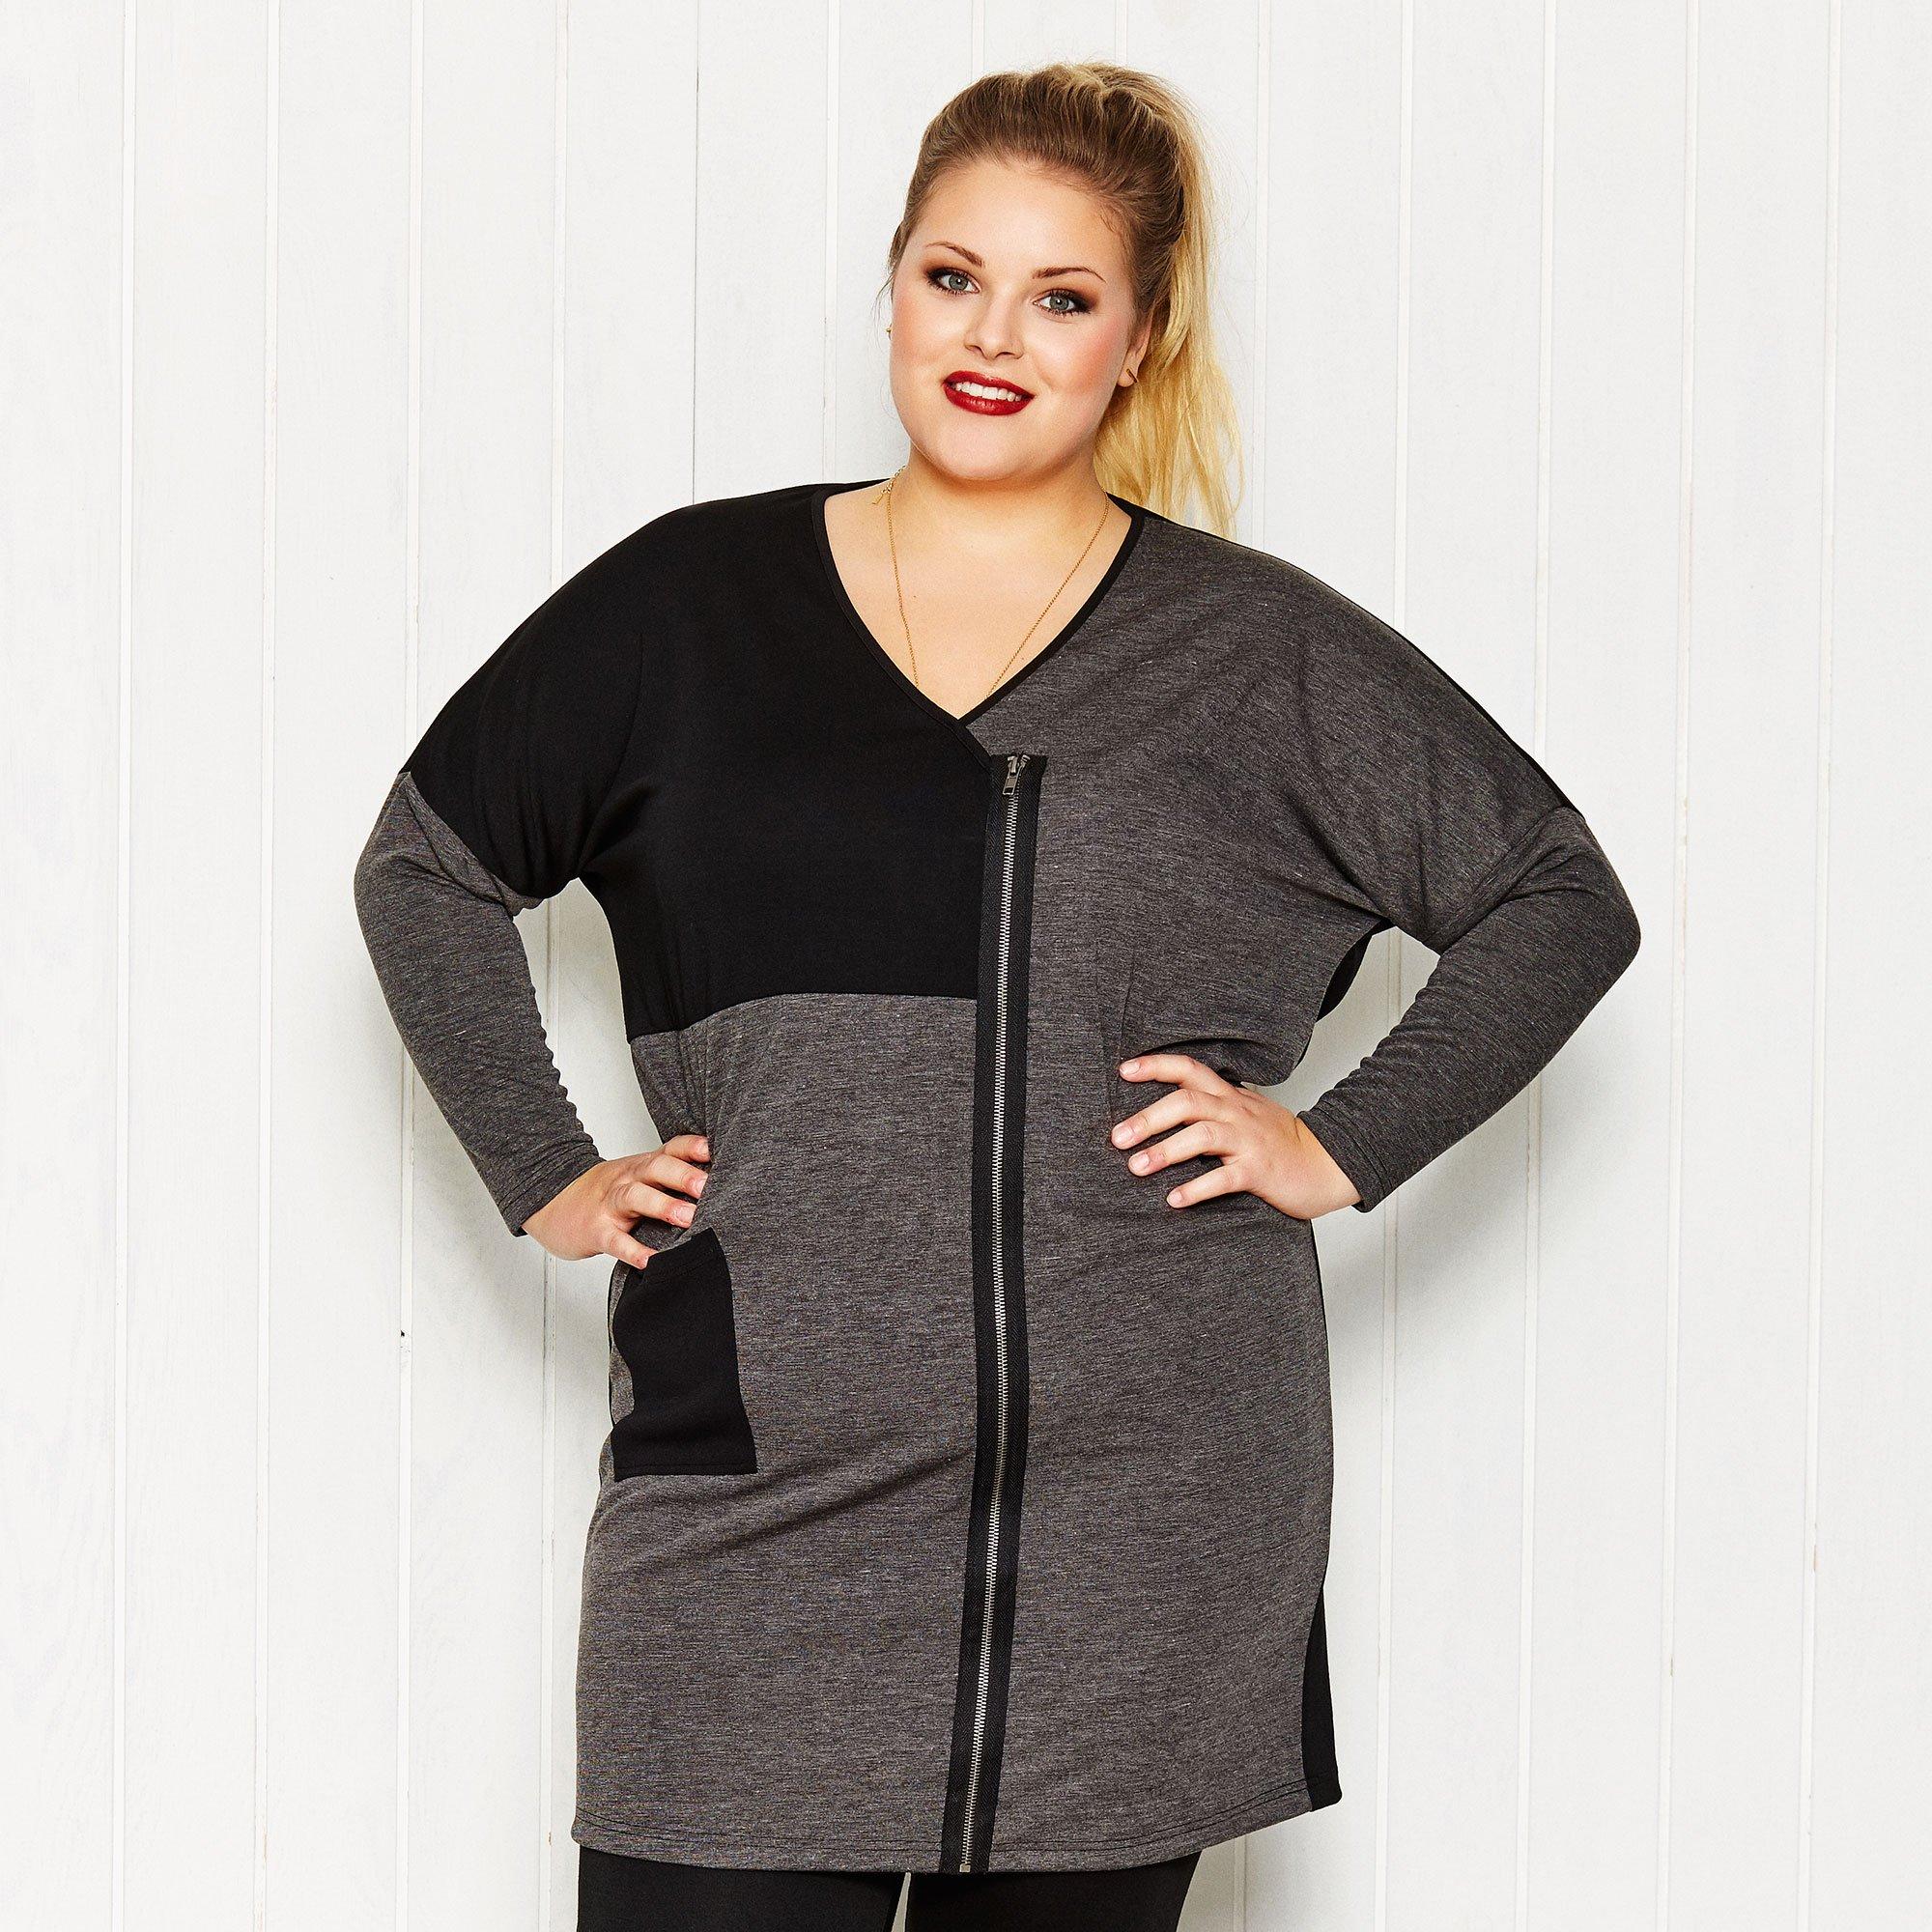 Sort og grå tunika kjole asymmetrisk med pynte lynlås